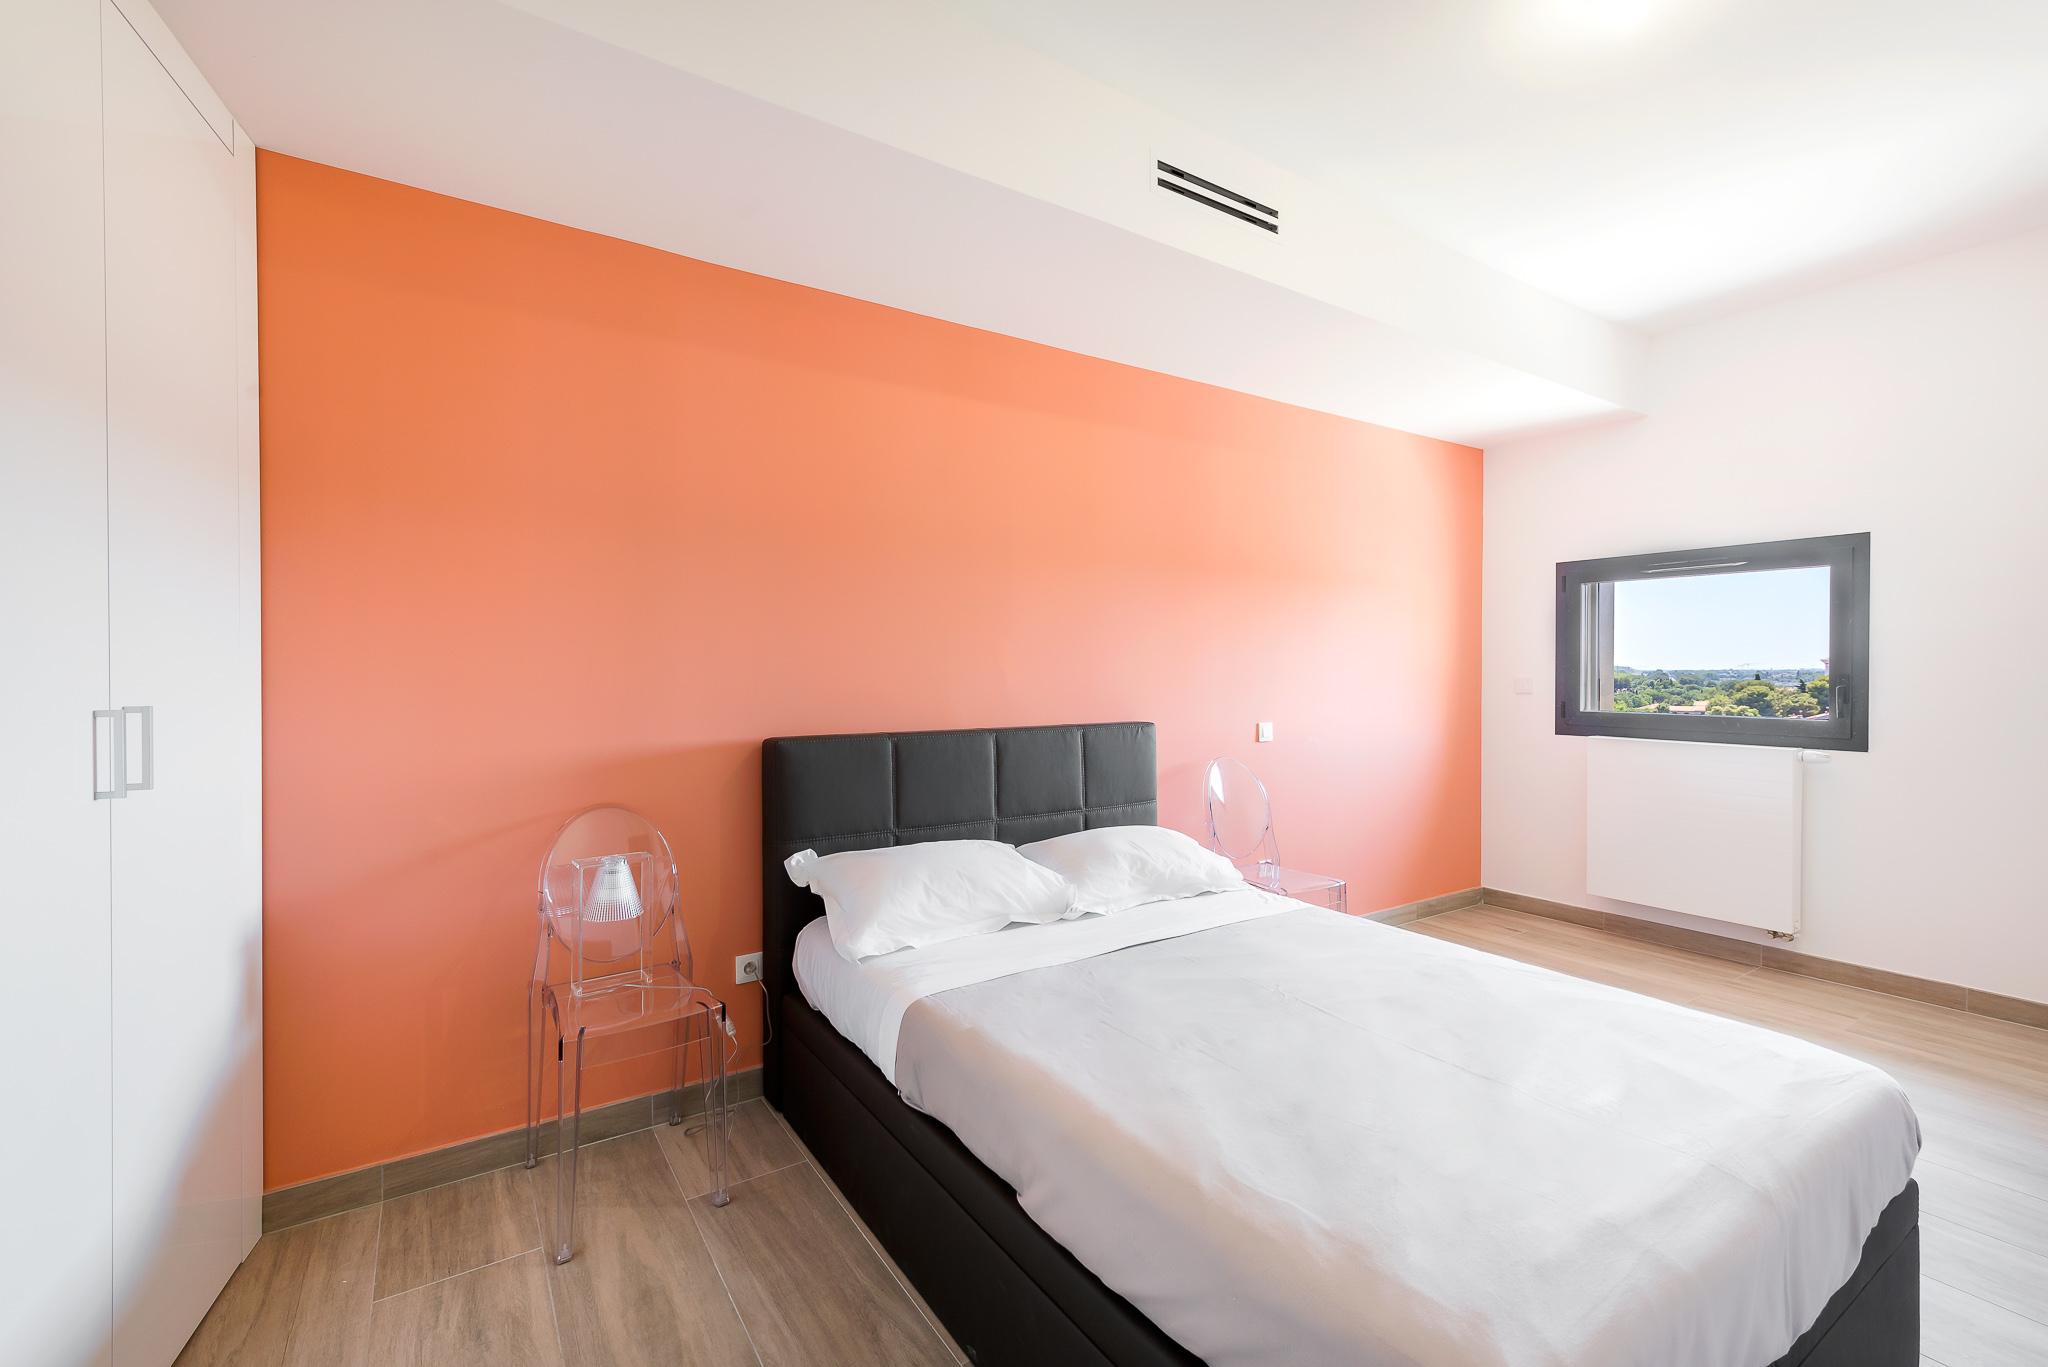 Chambre d'une villa sur le toit - Le Platinium à Montpellier par M&A Promotion